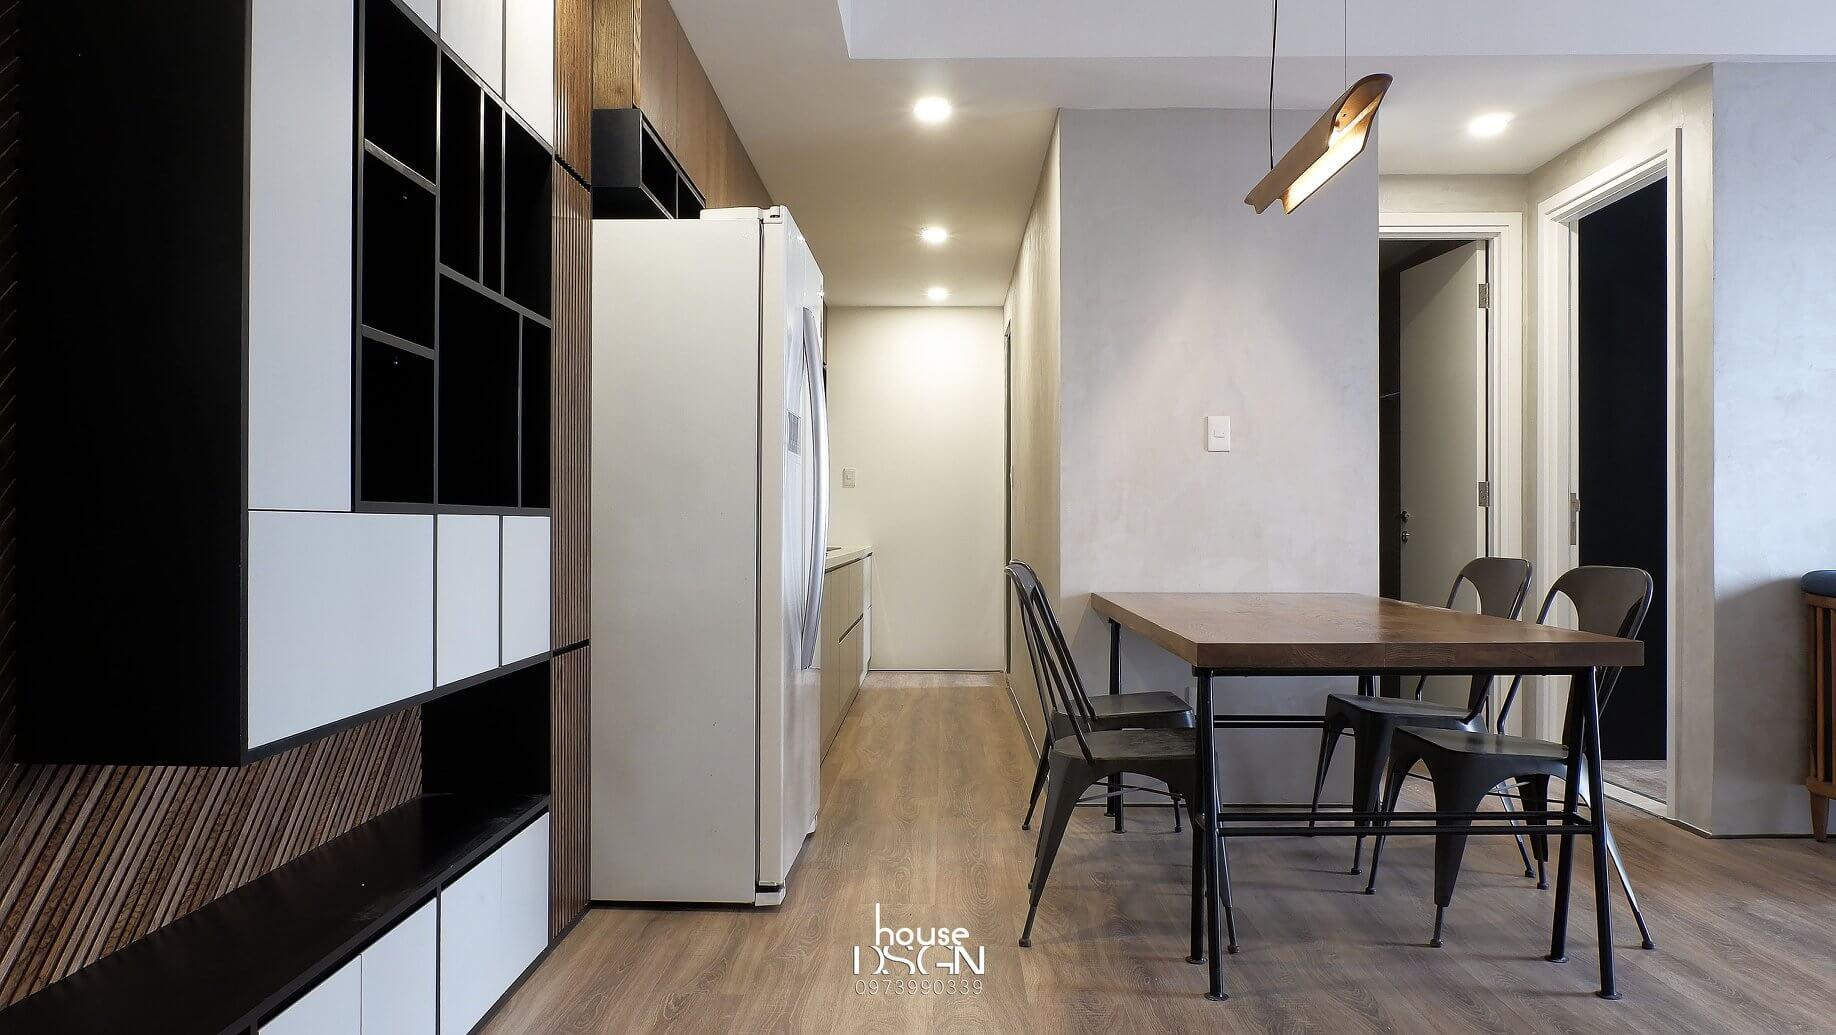 thiết kế nội thất căn hộ 100m2 chuyên nghiệp